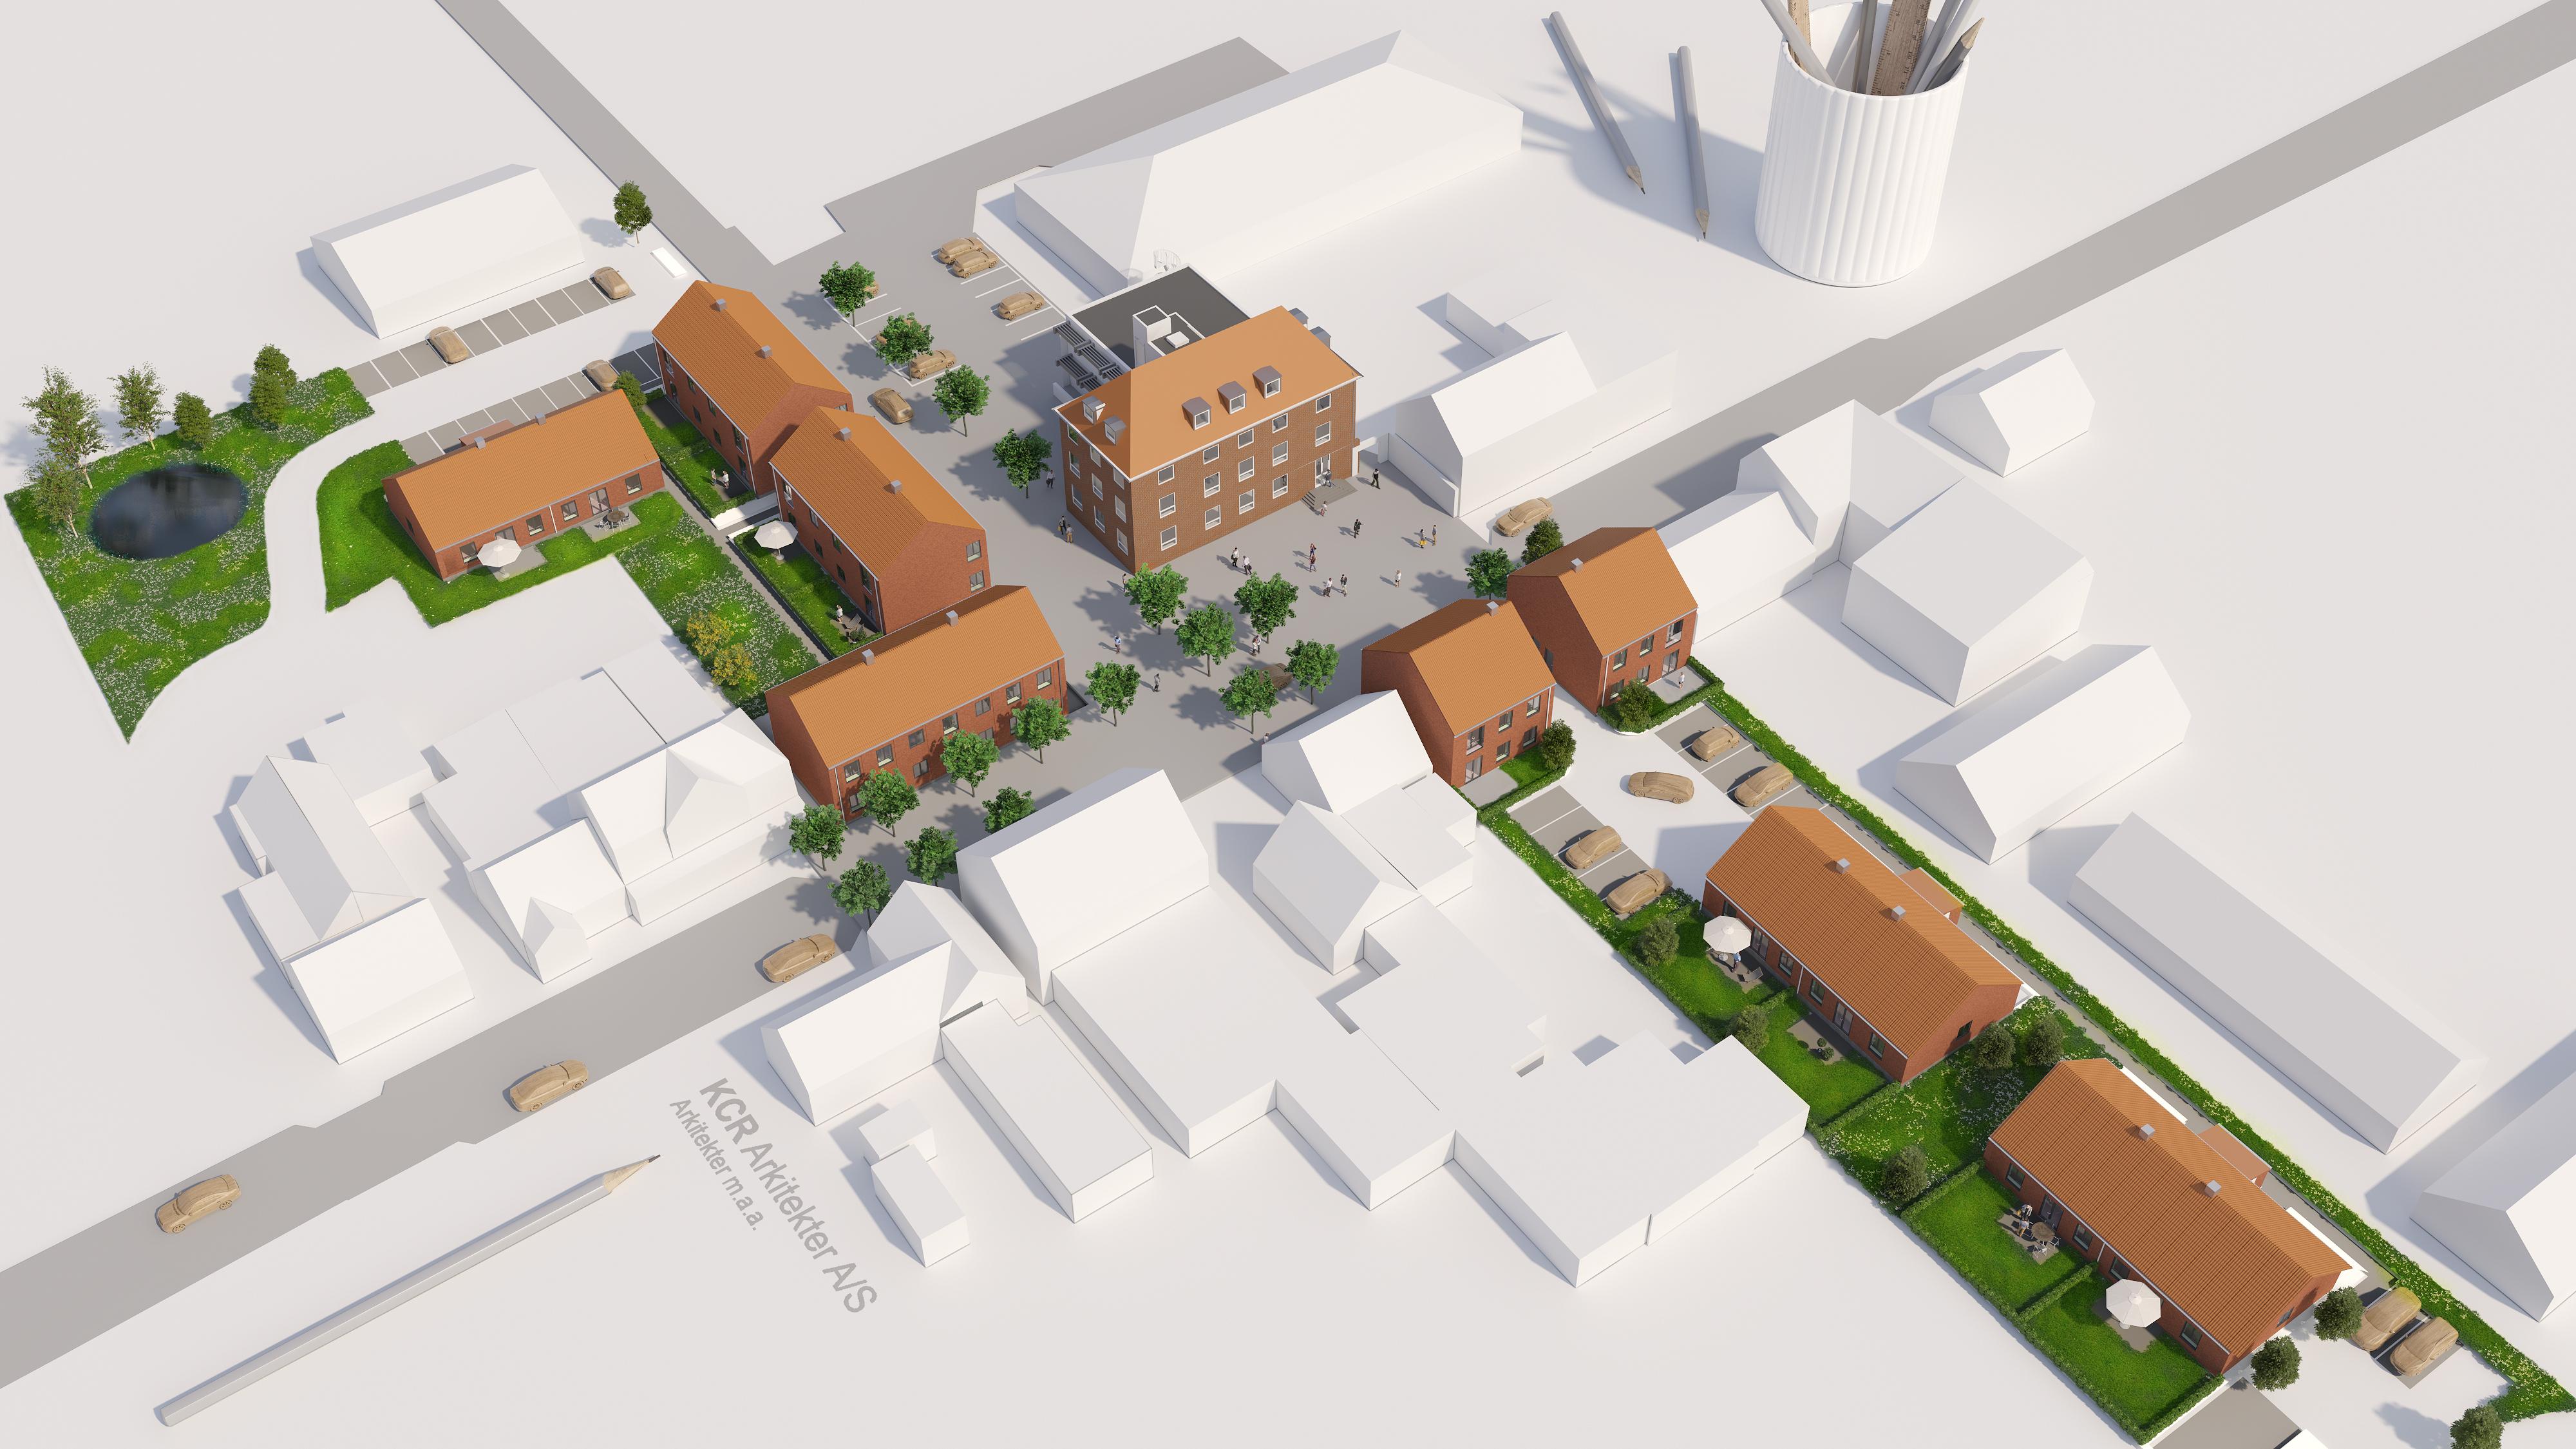 Nørre Aaby Byplanlægning